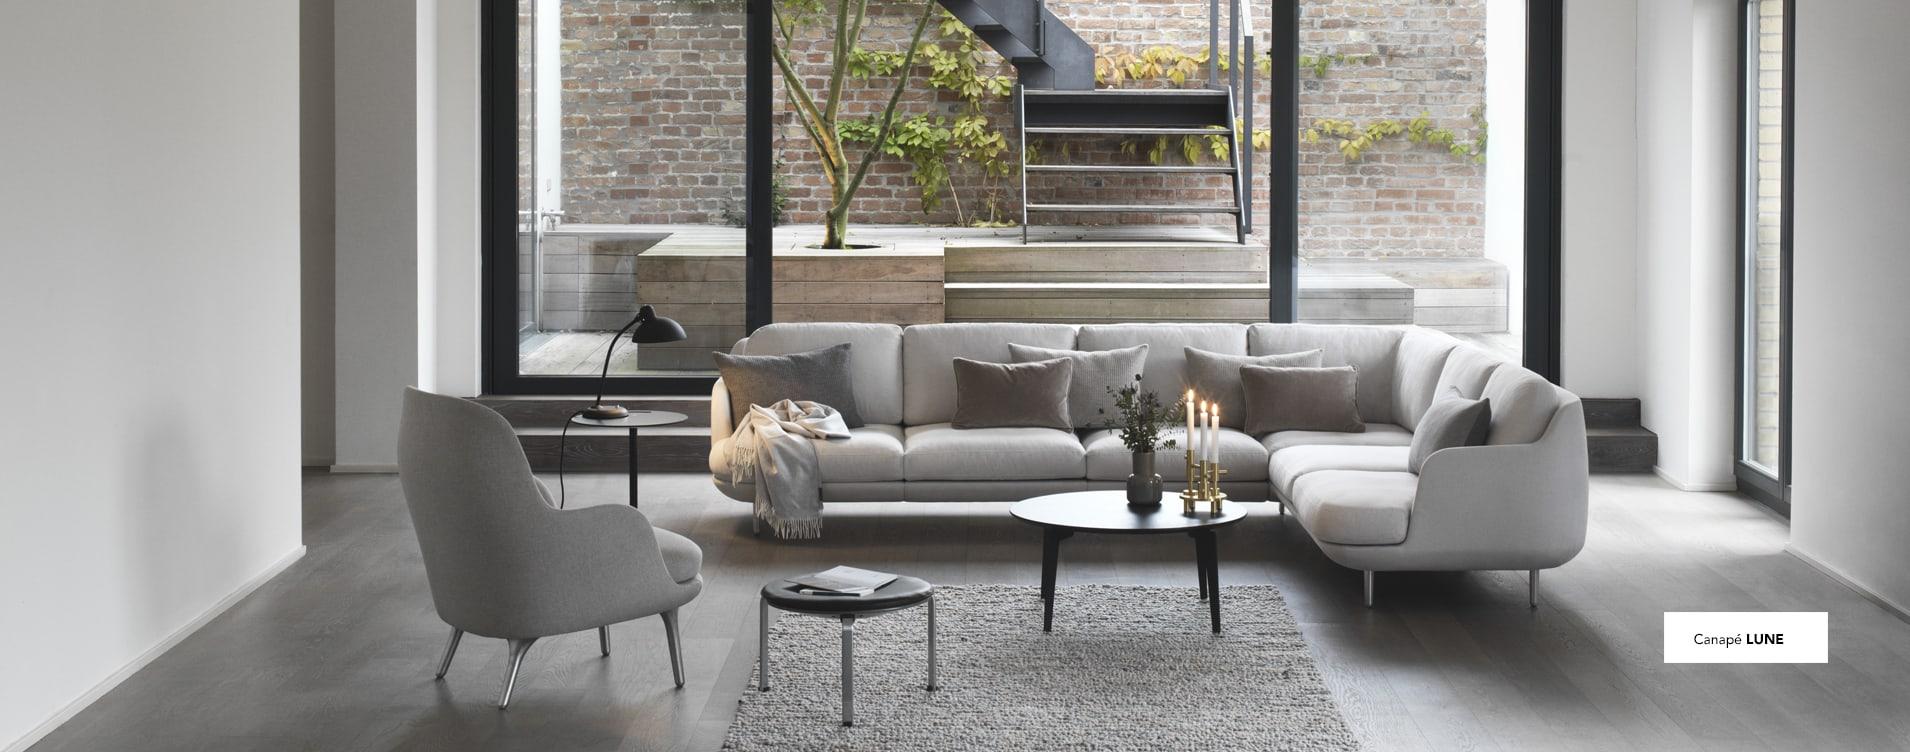 Silvera meubles design et contemporain luminaire mobilier de bureau pour - Luminaires design habitat ...